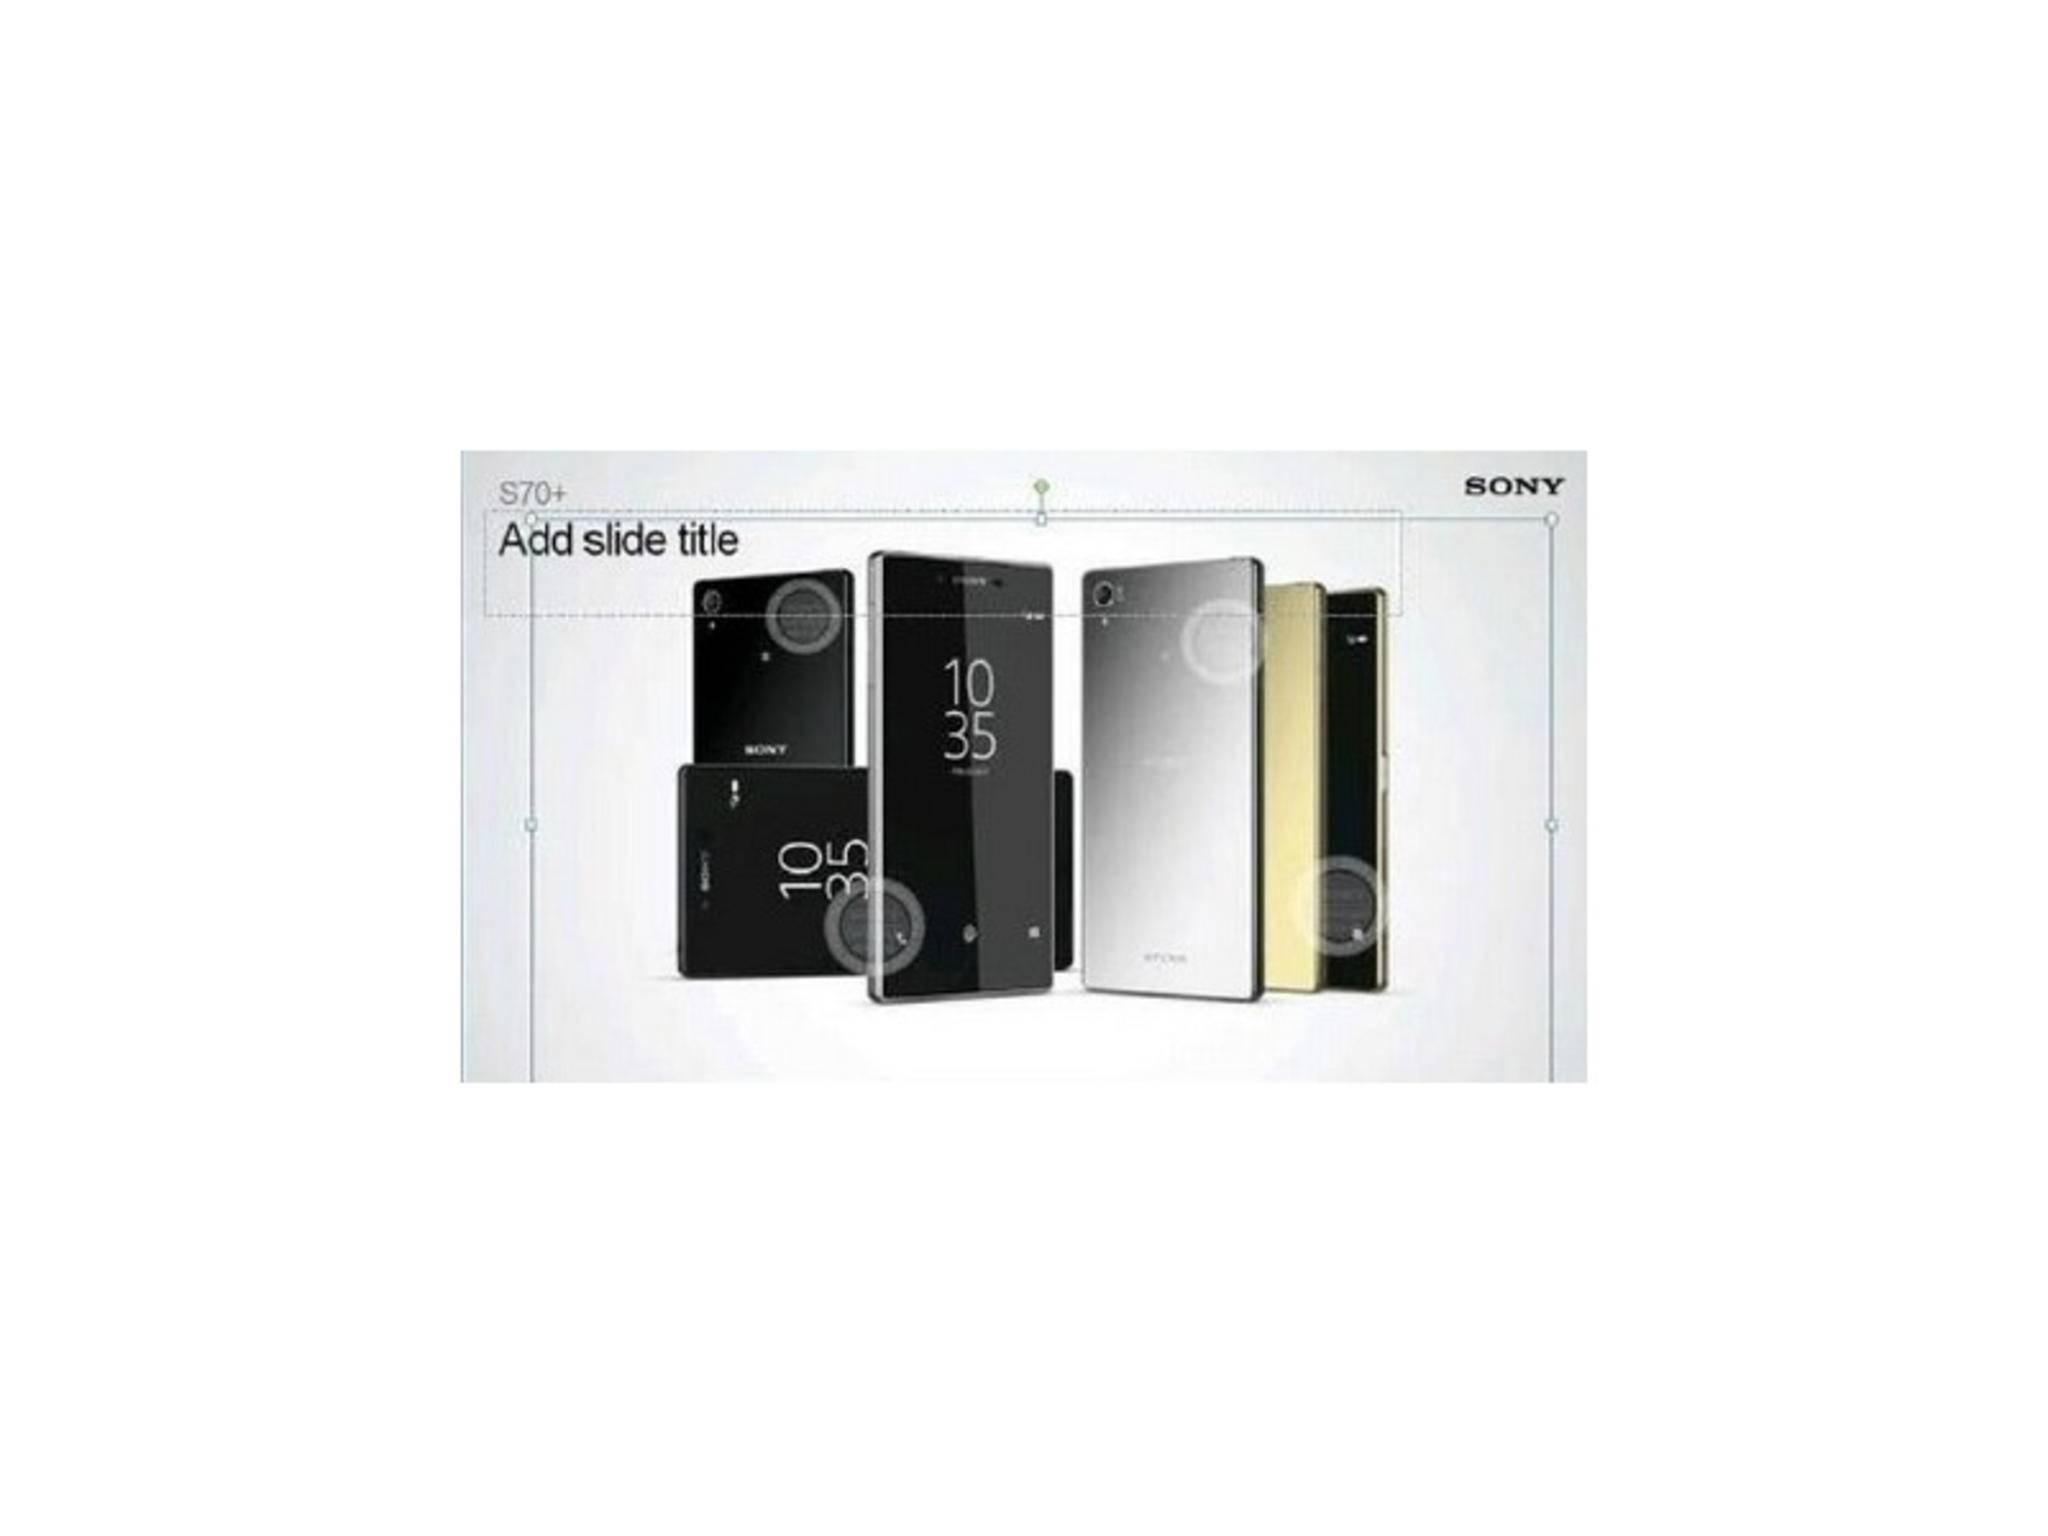 Der Leak des Xperia Z5+ deutet auf den Einsatz eines Fingerabdruckscanners hin.